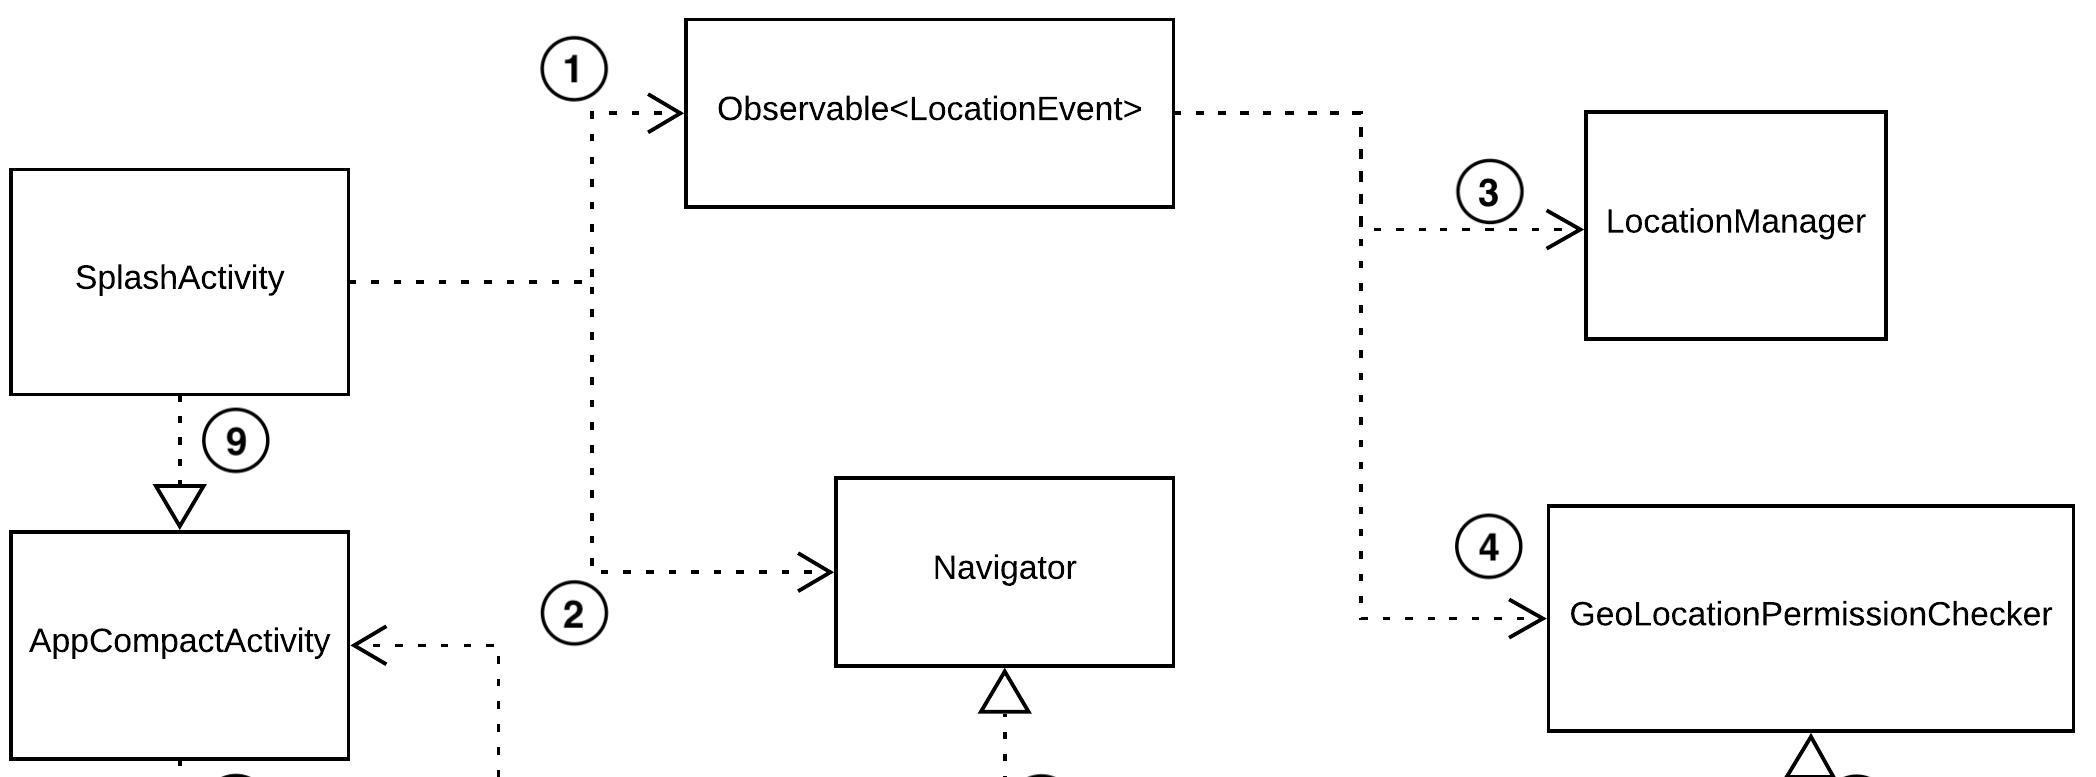 Figure 3.8 - Dependency between SplashActivity and Observable<LocationEvent>